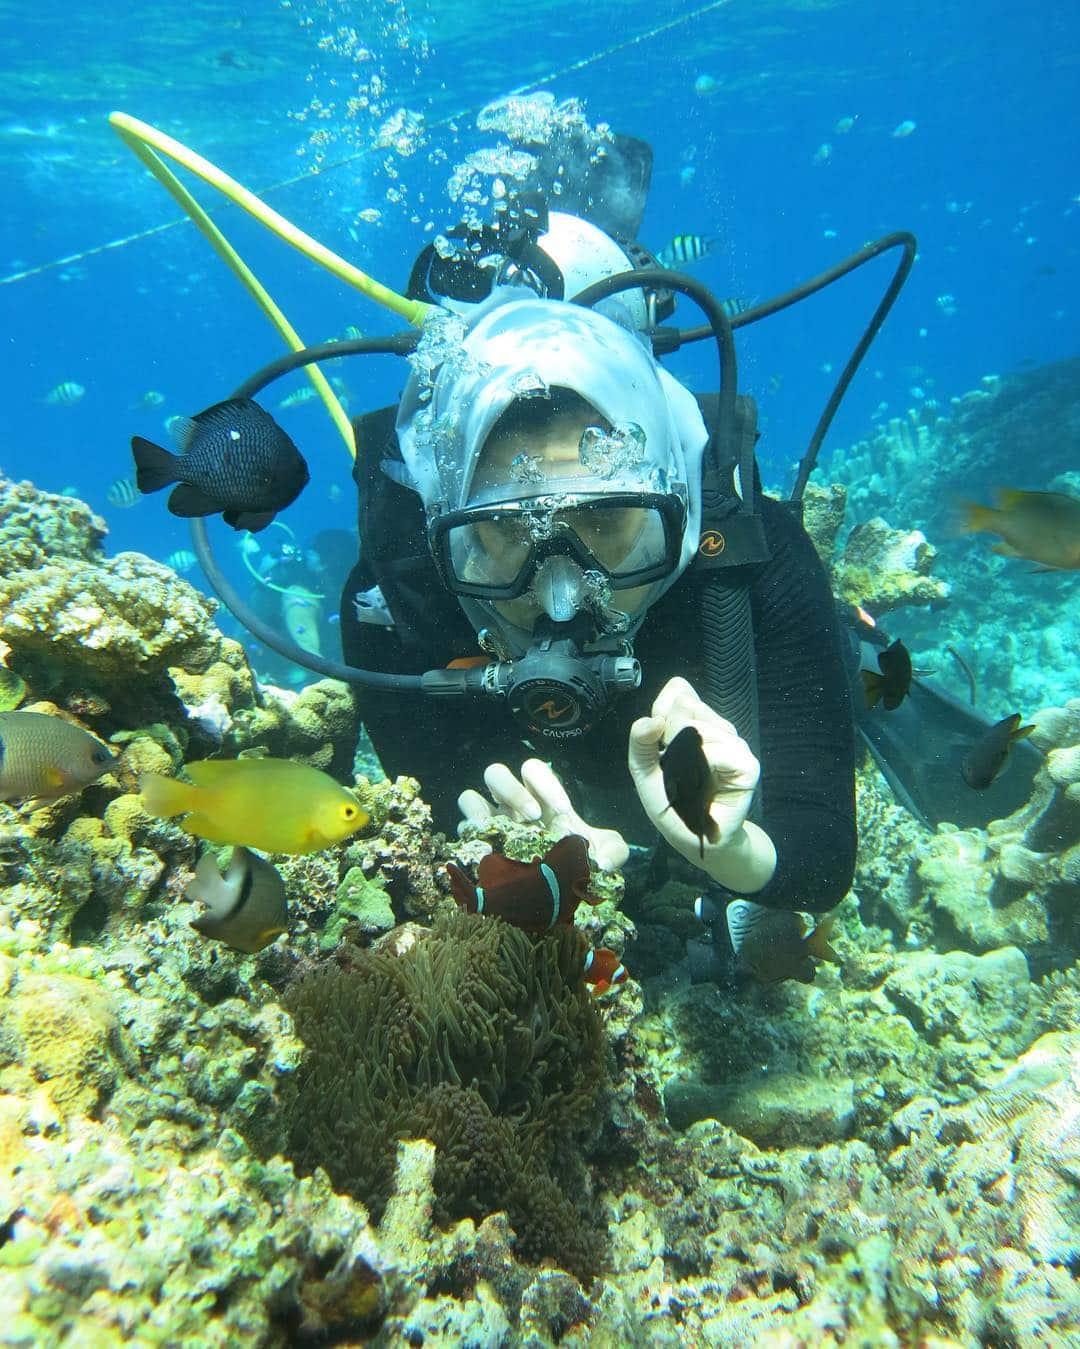 Destinasi Wisata Sulawesi Wajib Dikunjungi Taman Laut Olele Kab Bone